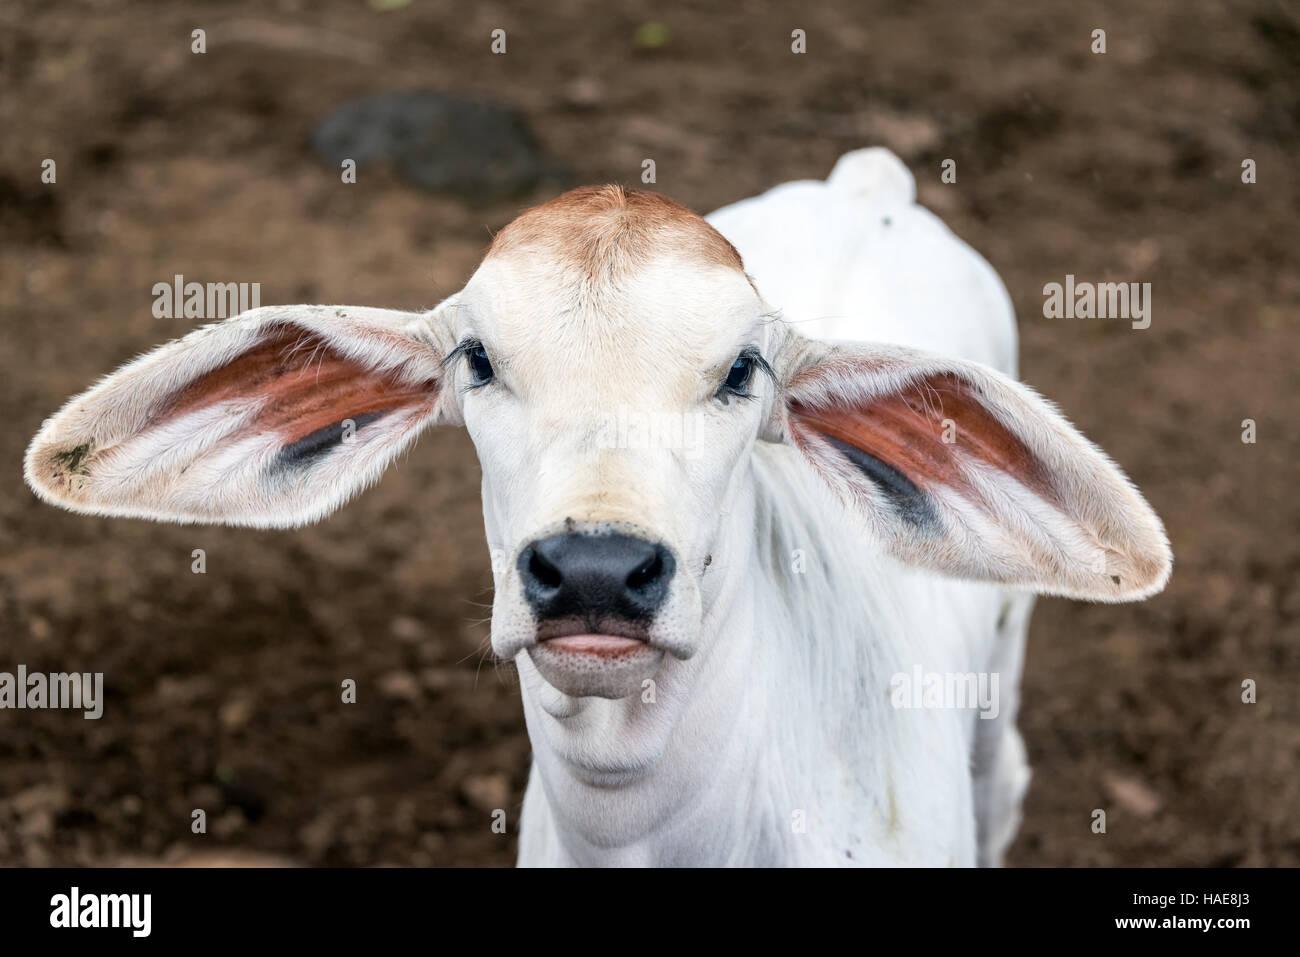 Ternera joven con grandes orejas vistos en la ciudad de Guane, Colombia Imagen De Stock